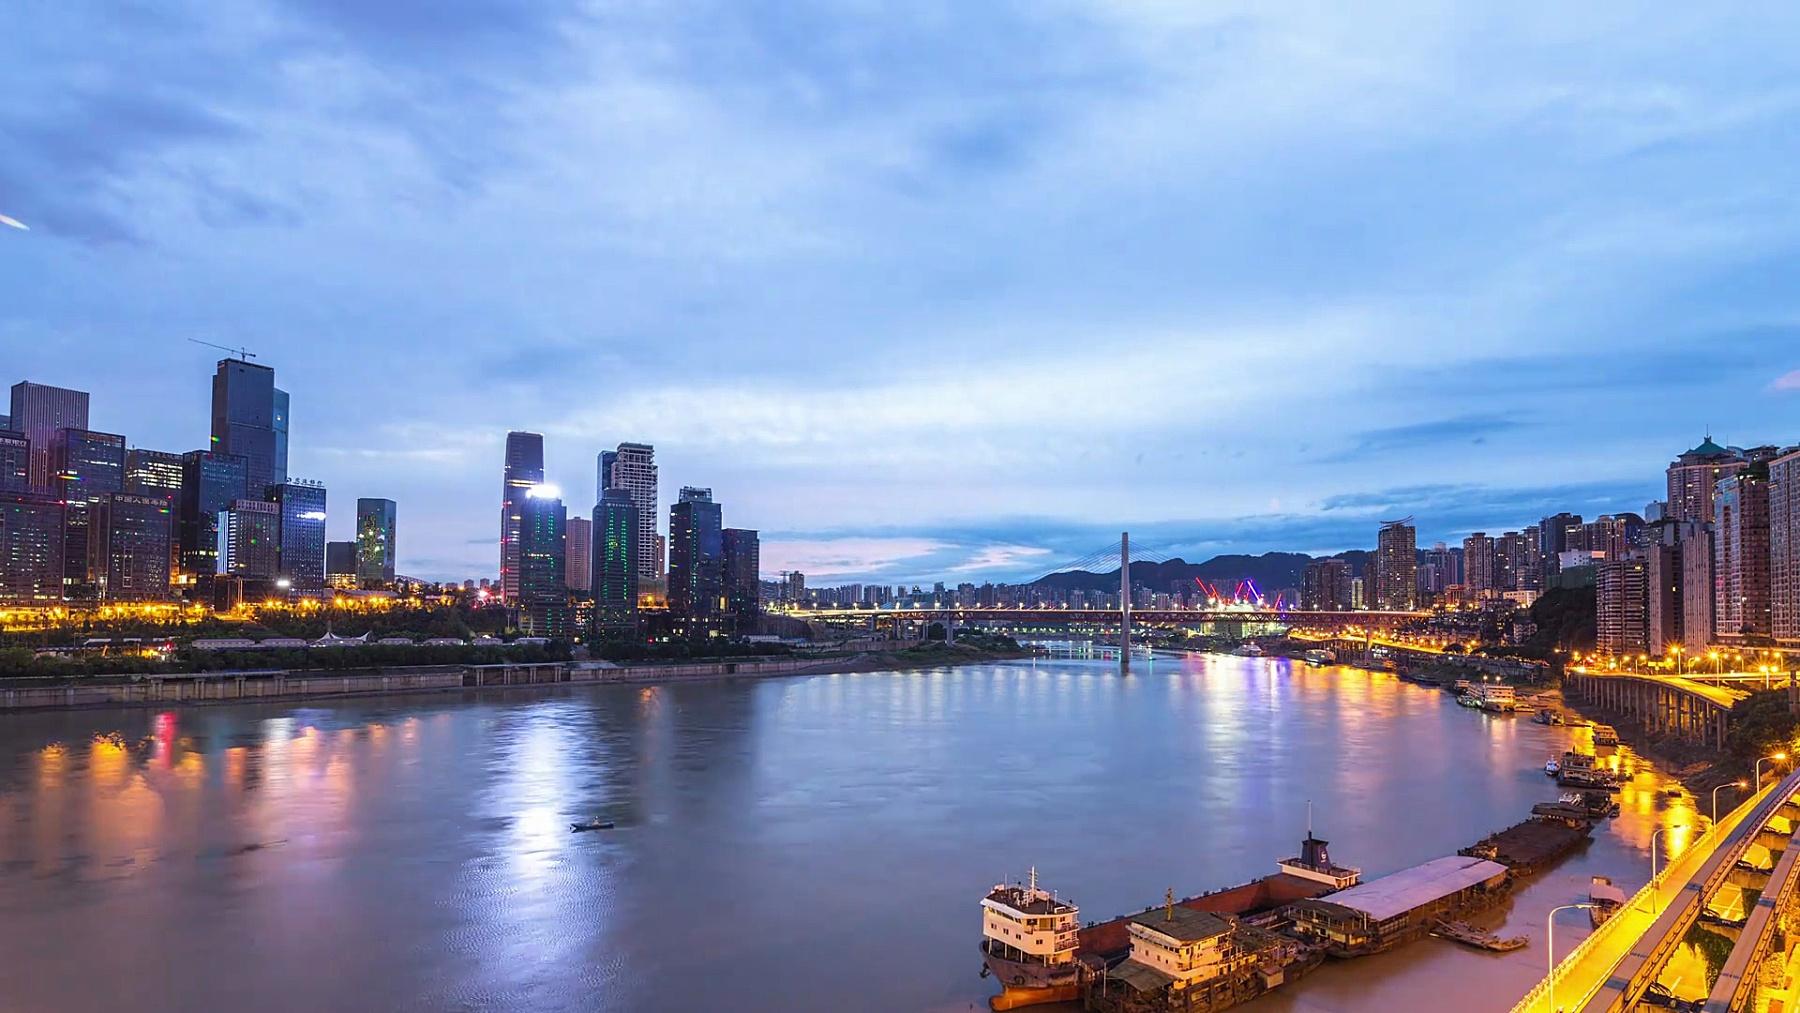 从河边看日出重庆的城市风光和天际线。时间间隔